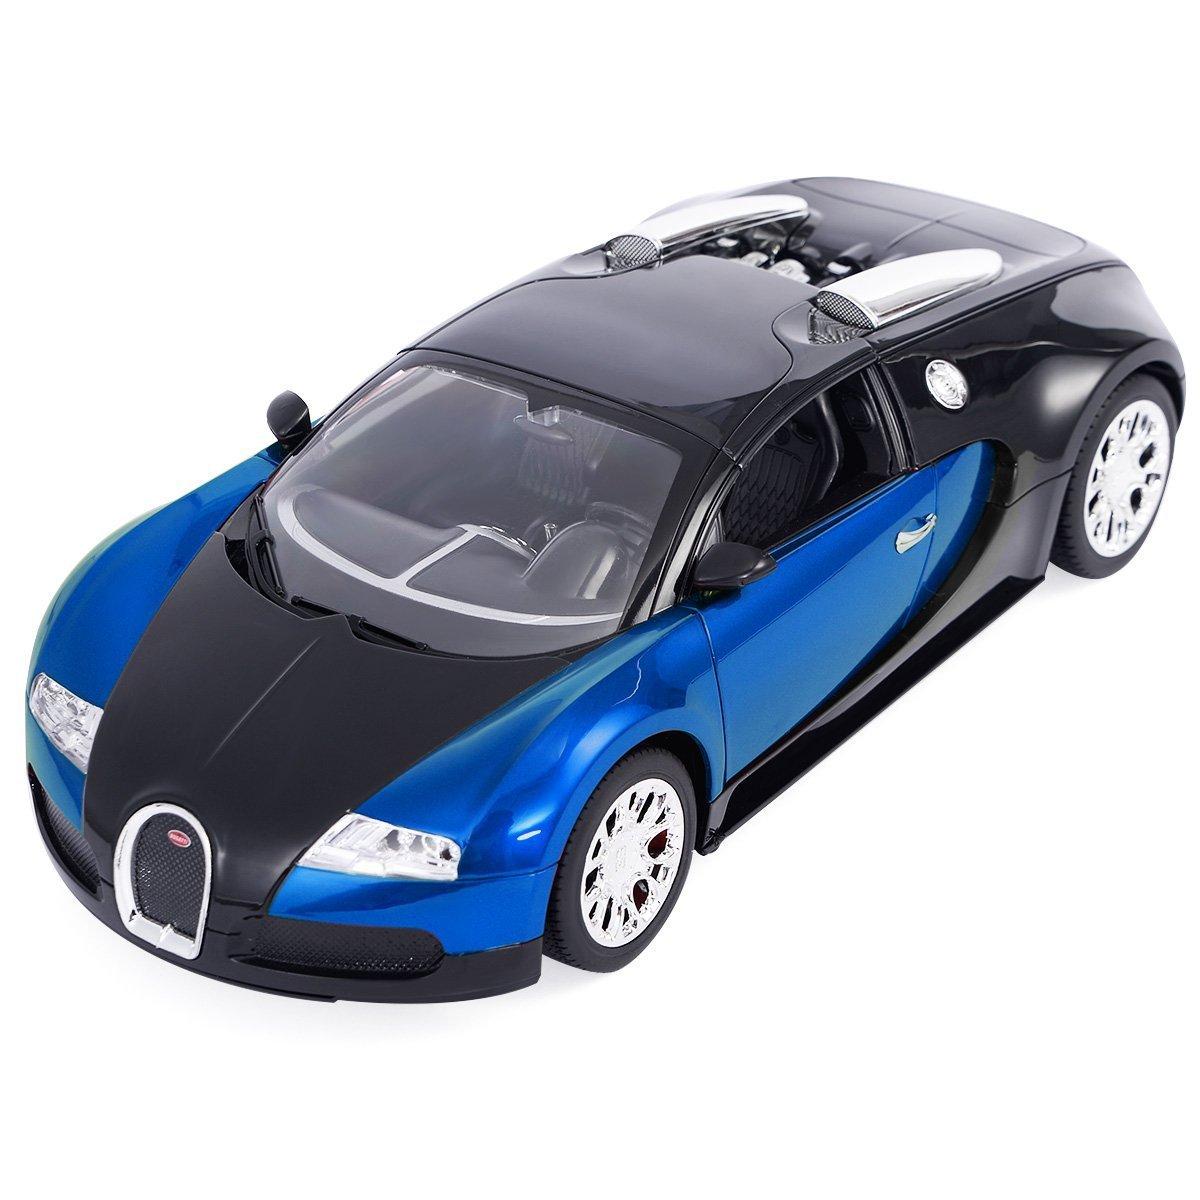 Amazon.com: Goplus New 1/14 Radio Remote Control RC Car Bugatti Veyron 16.4  Grand Sport Car Blue New: Toys U0026 Games